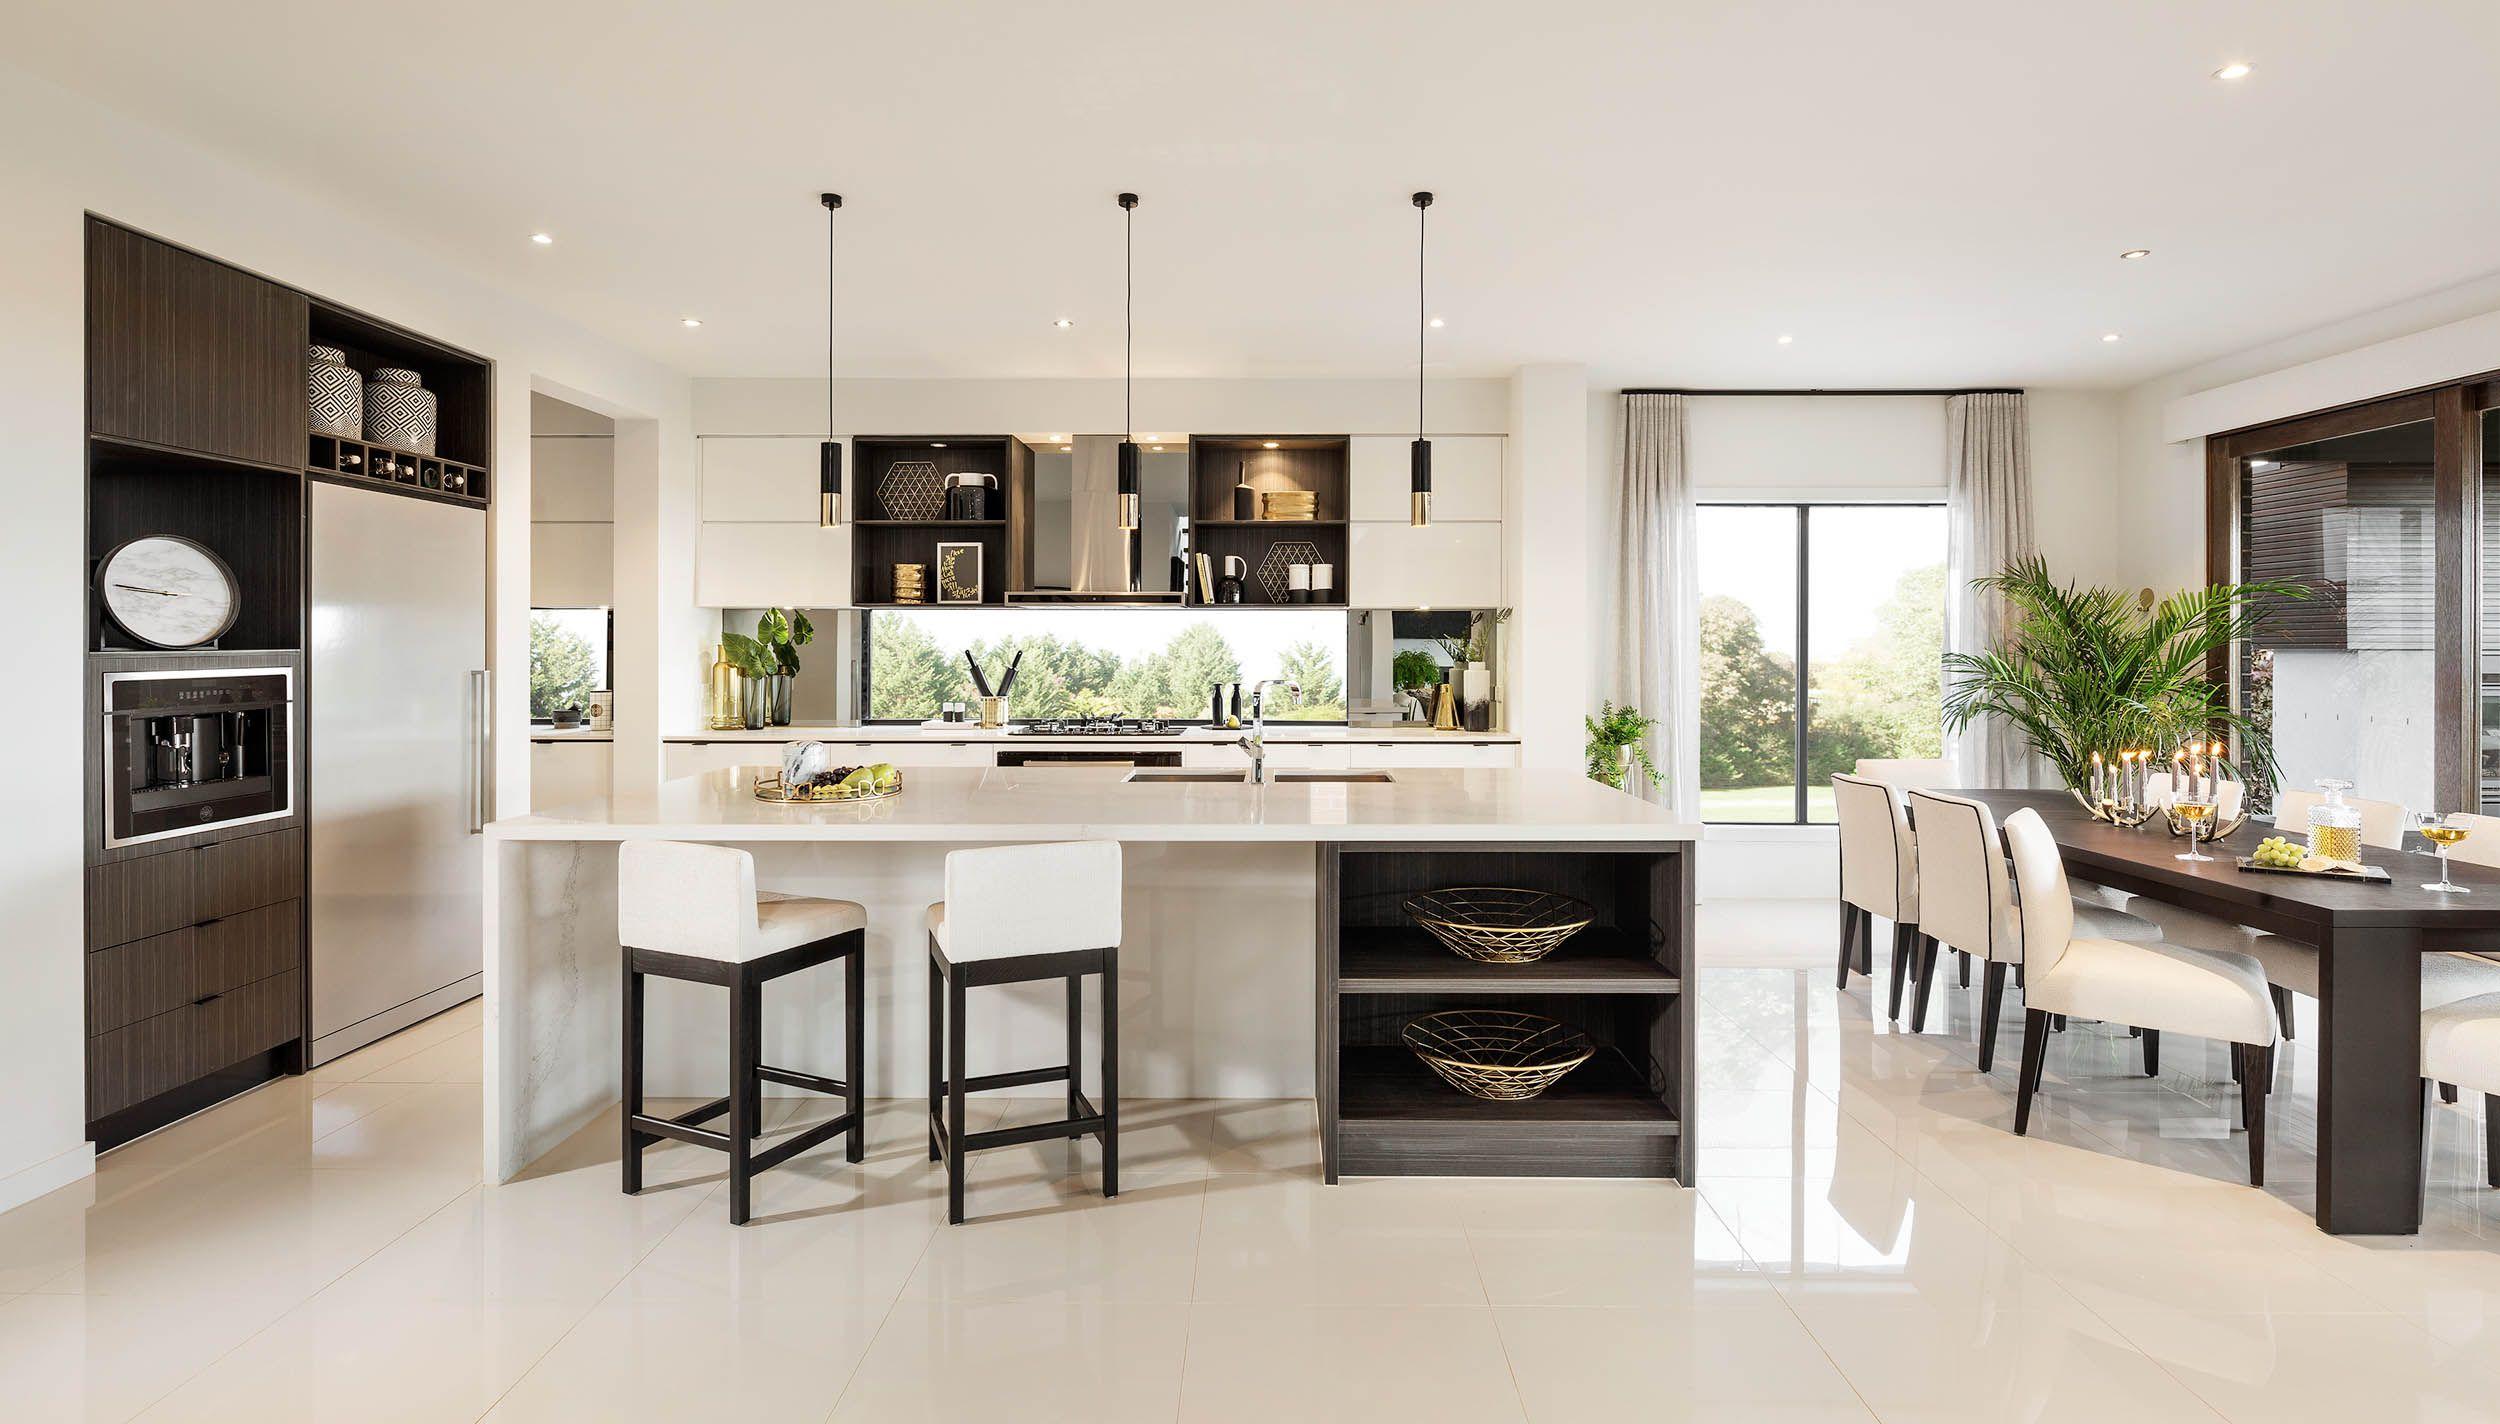 Pingl par claudia ratsimandresy sur kitchens - La maison trojan melbourne ...